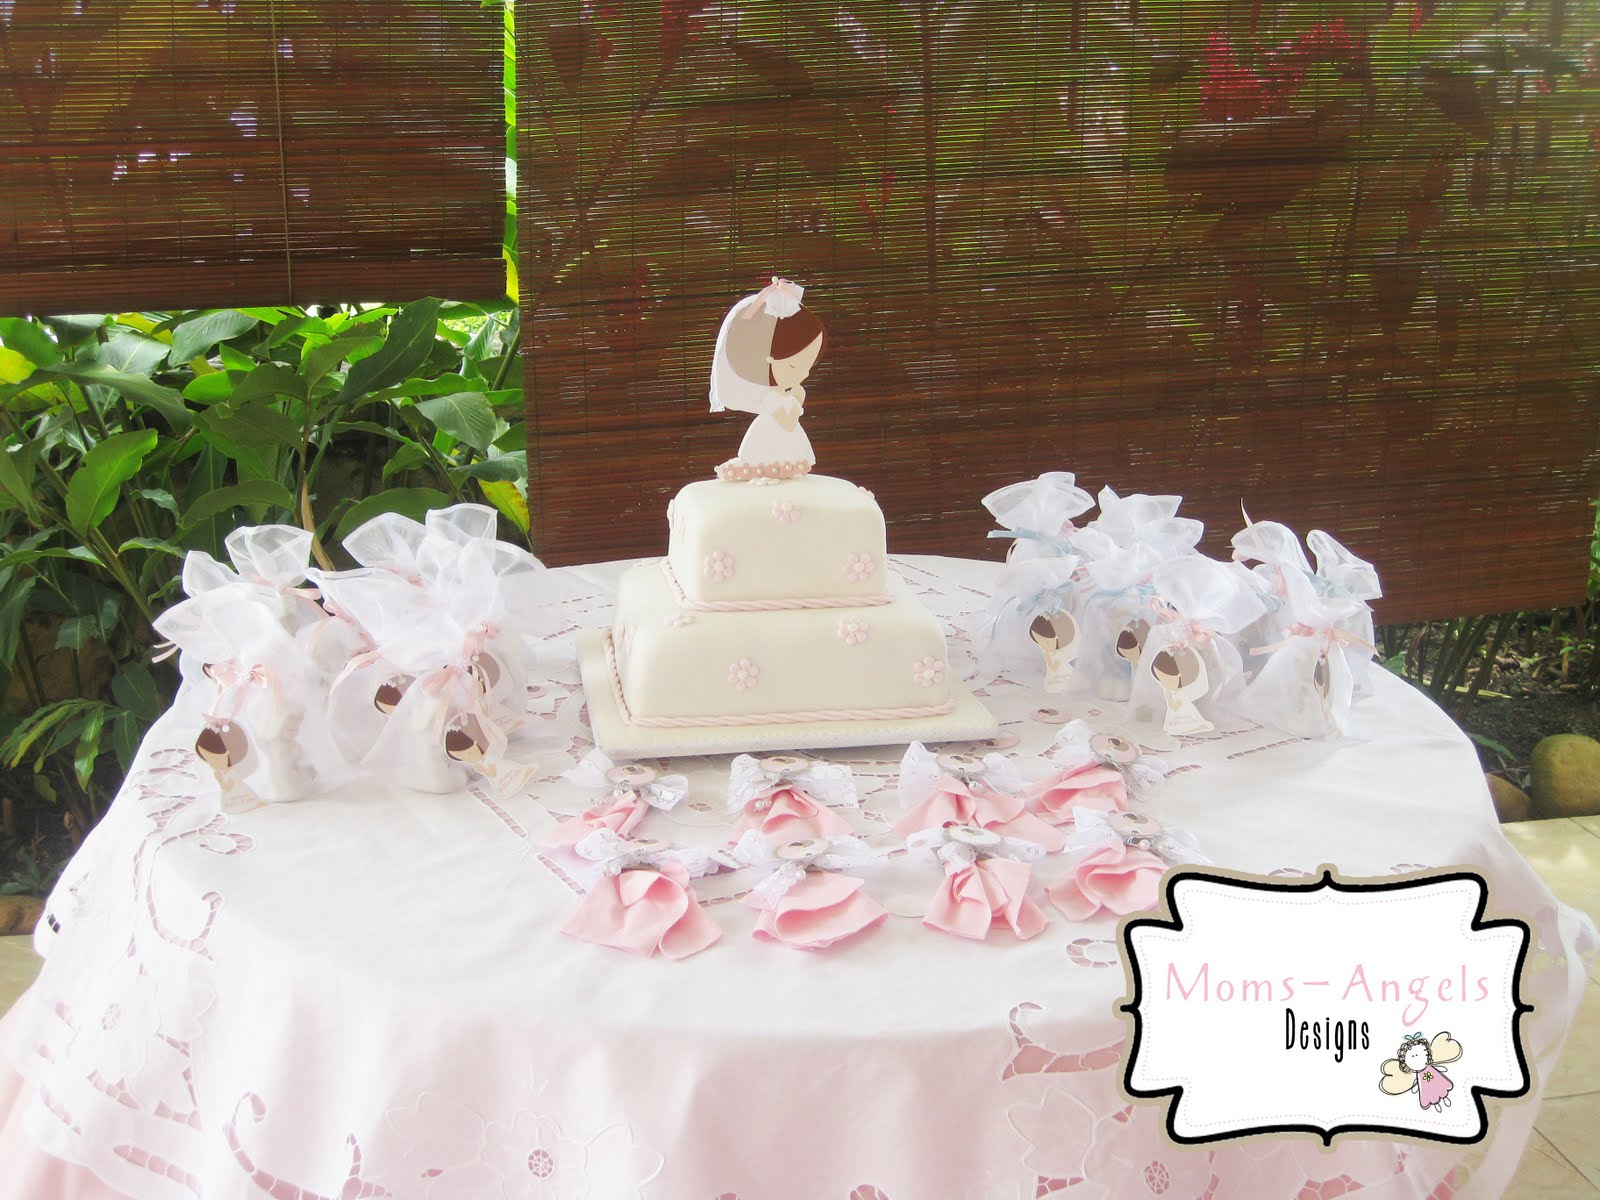 Moms angels decoracion final de primera comunion - Decoracion de primera comunion ...